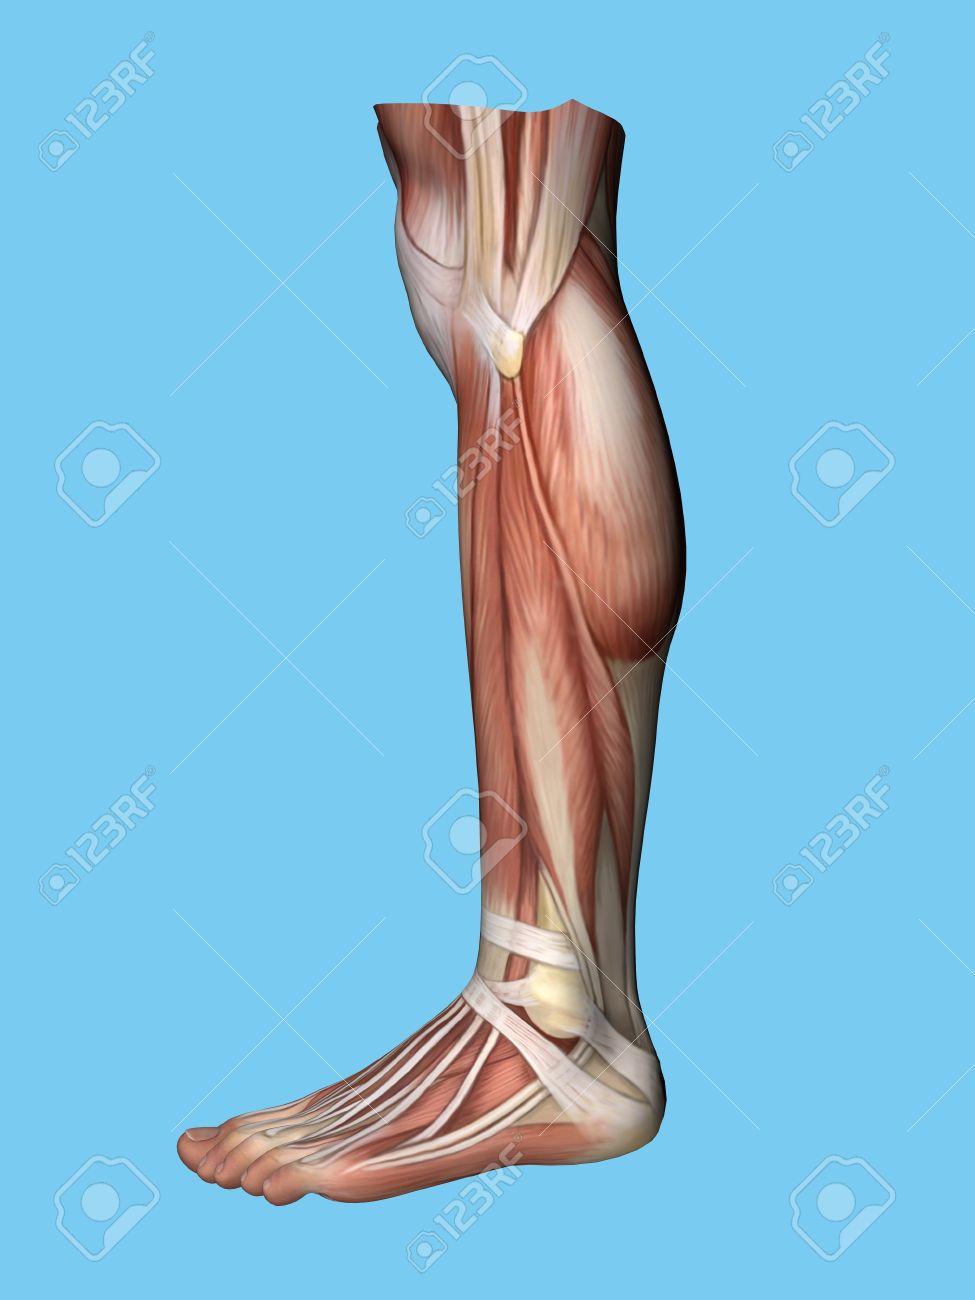 Anatomía Vista Lateral Lateral De La Pierna Y El Pie De Un Hombre ...